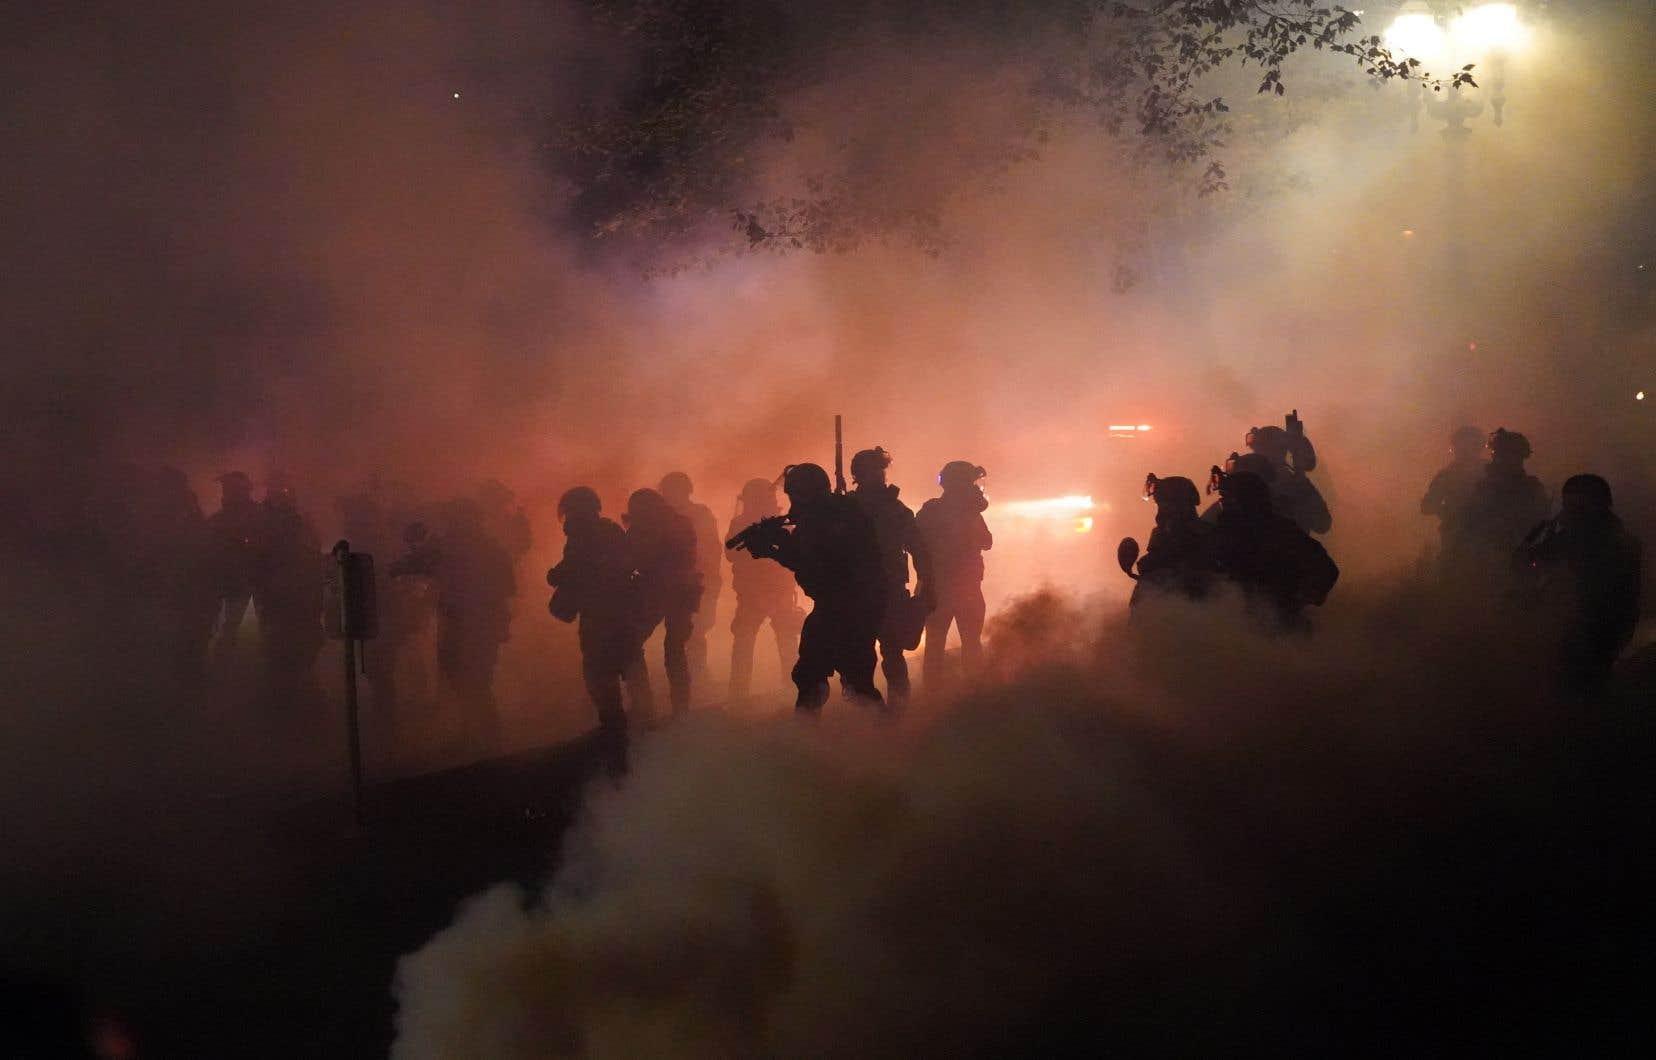 À Portland, des heurts opposent presque toutes les nuits les forces de l'ordre à des manifestants antiracistes.